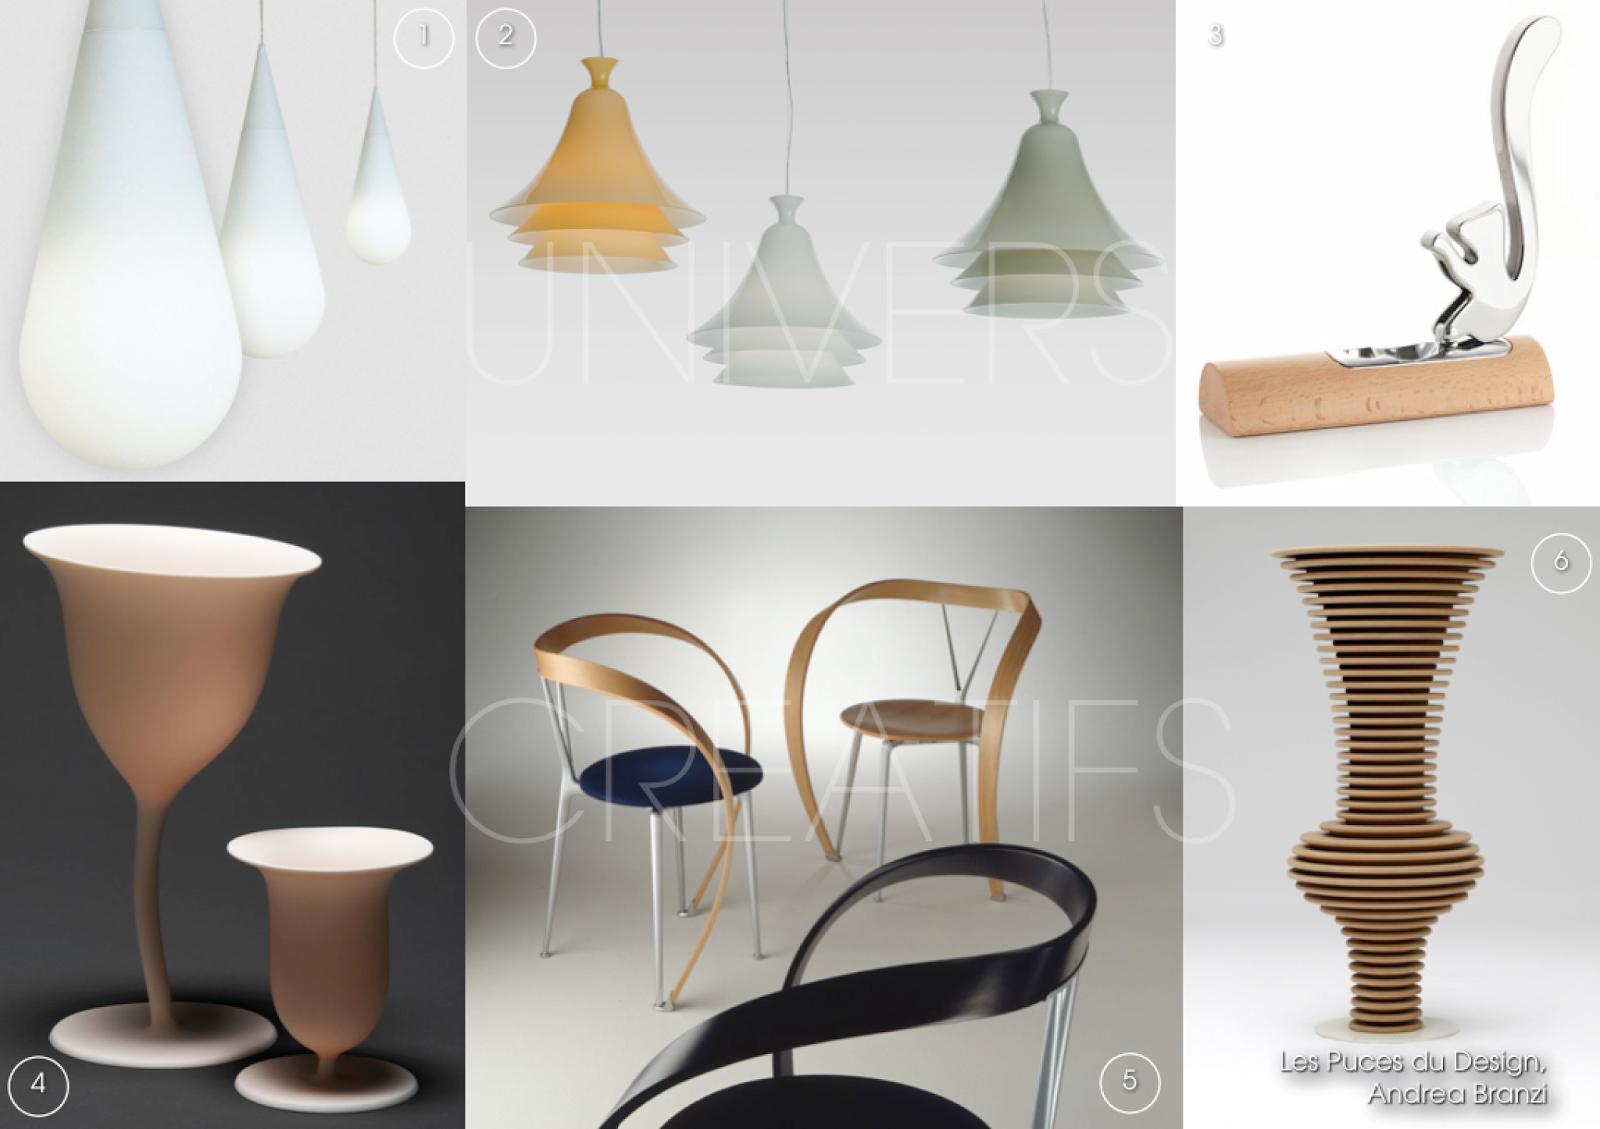 Univers creatifs les puces du design 2014 r trospective for Les puces du design